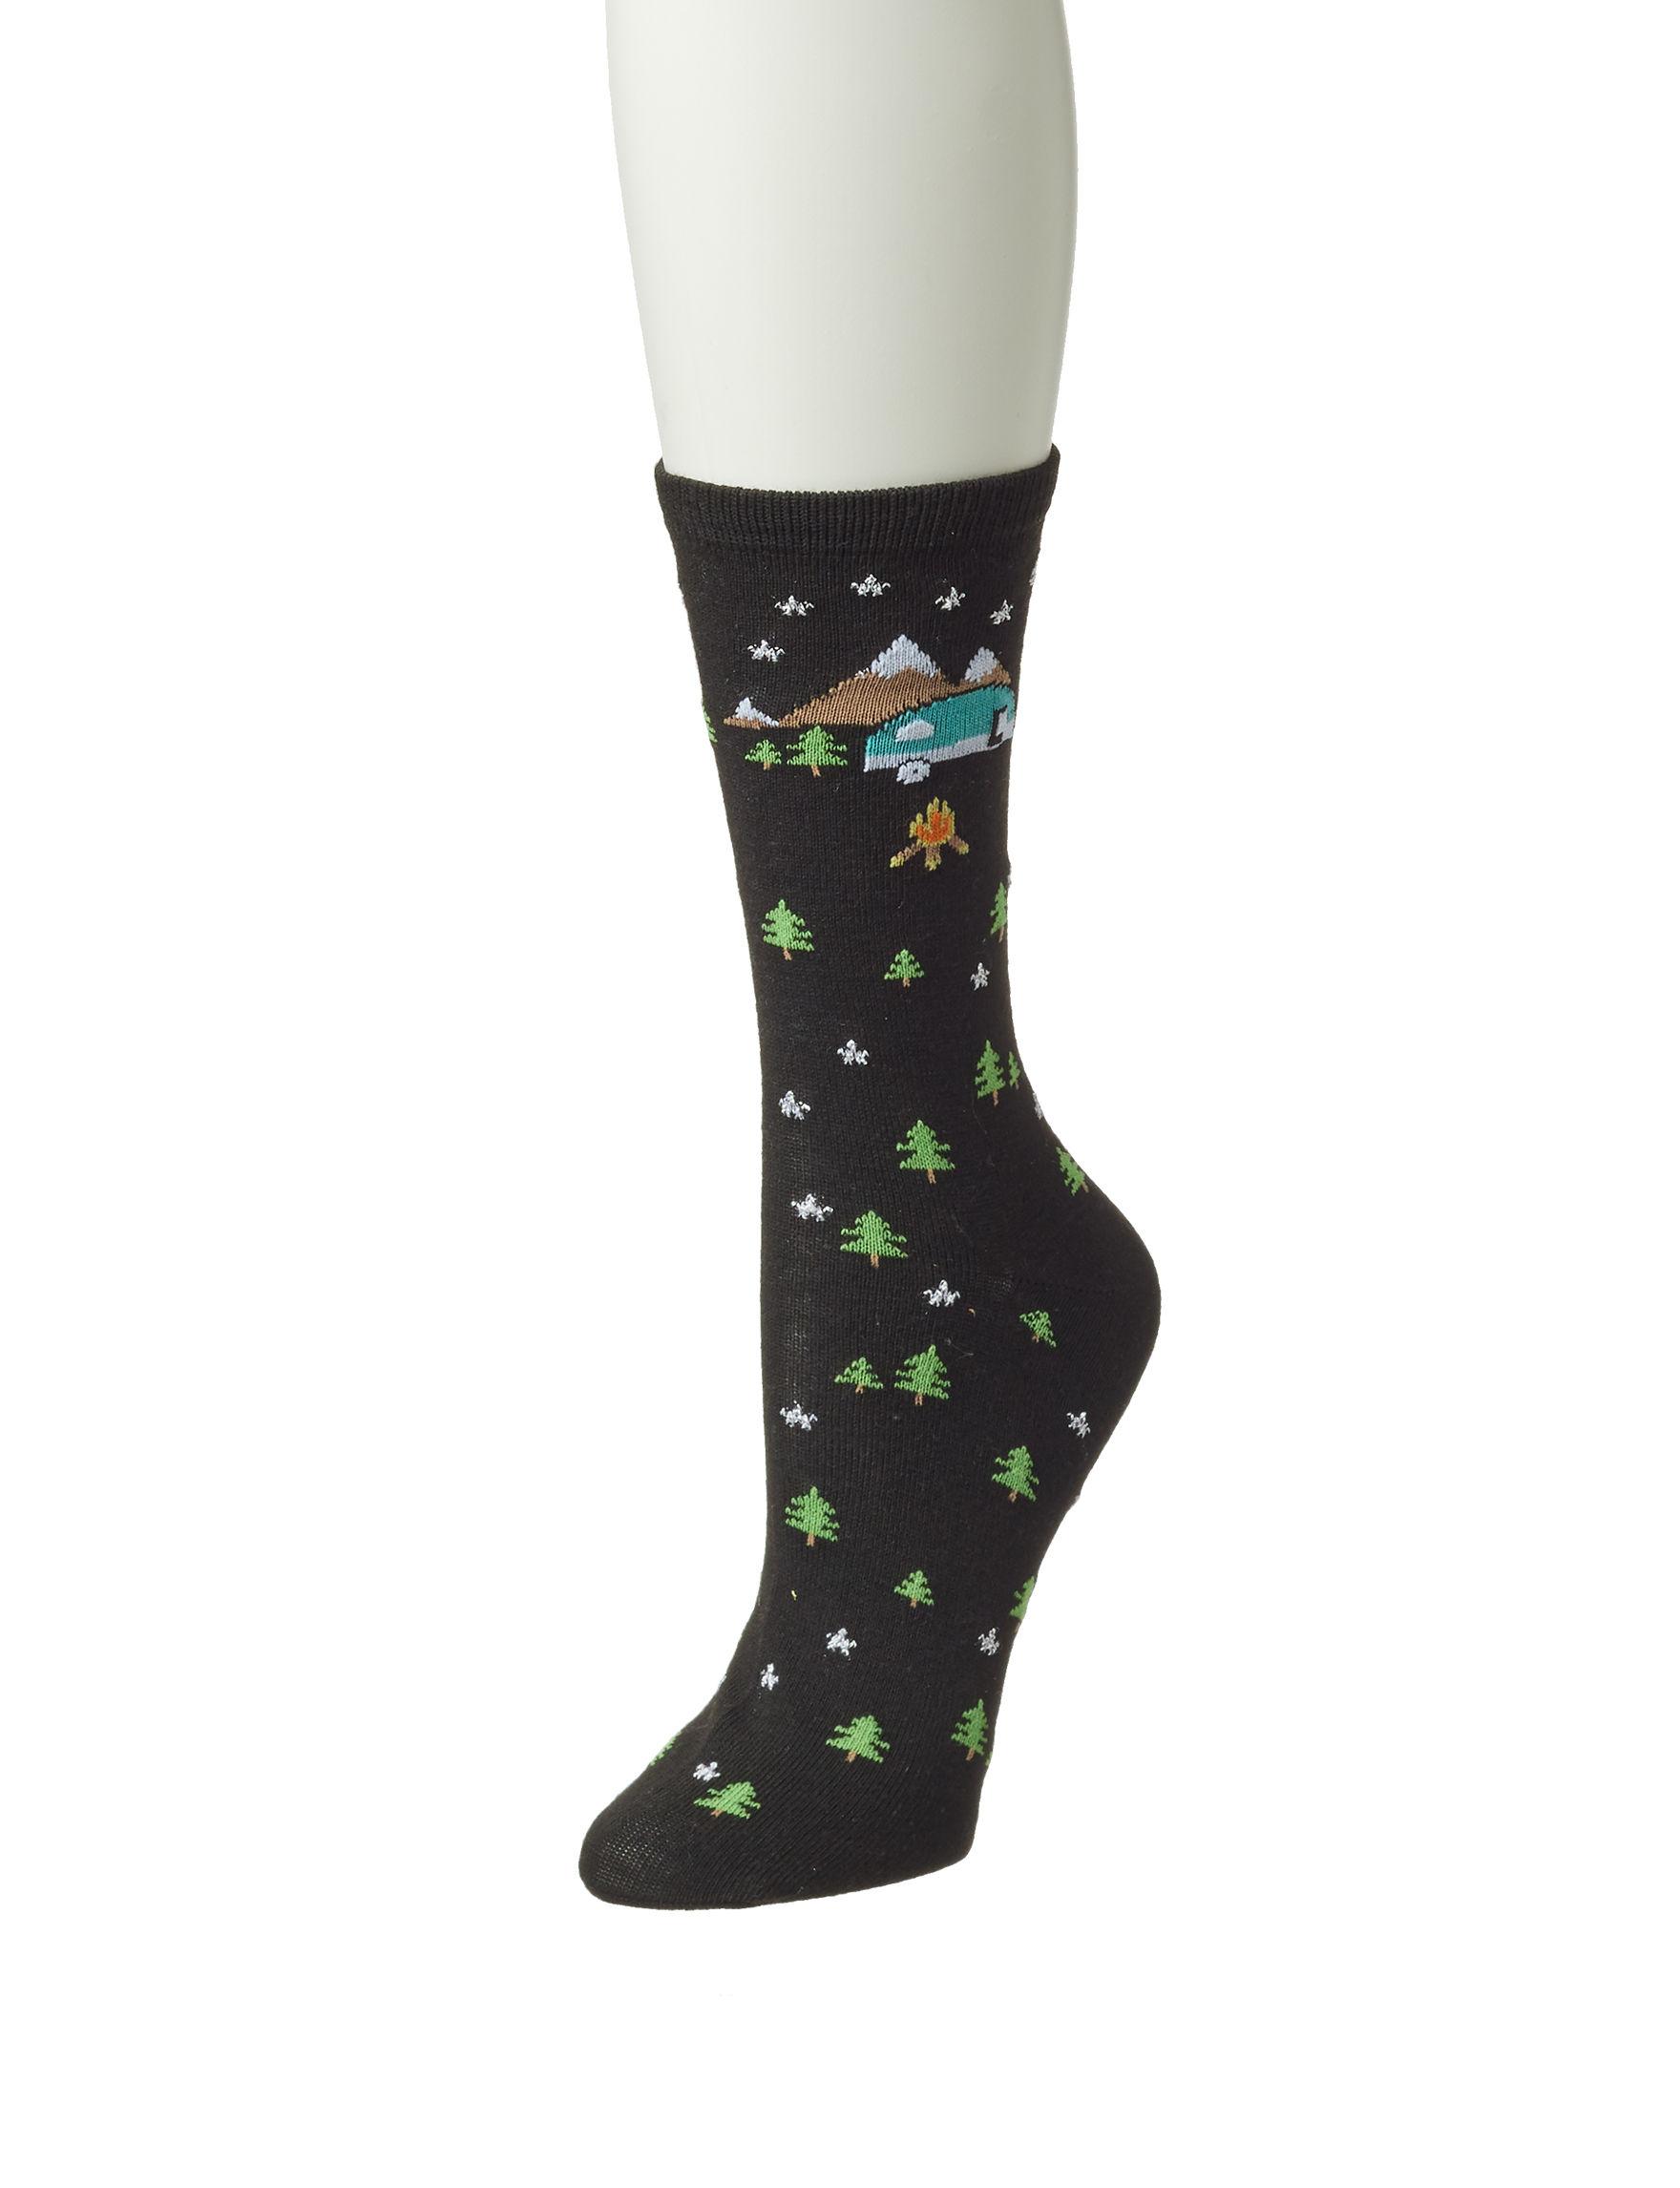 Keep Your Socks On Black / Multi Socks